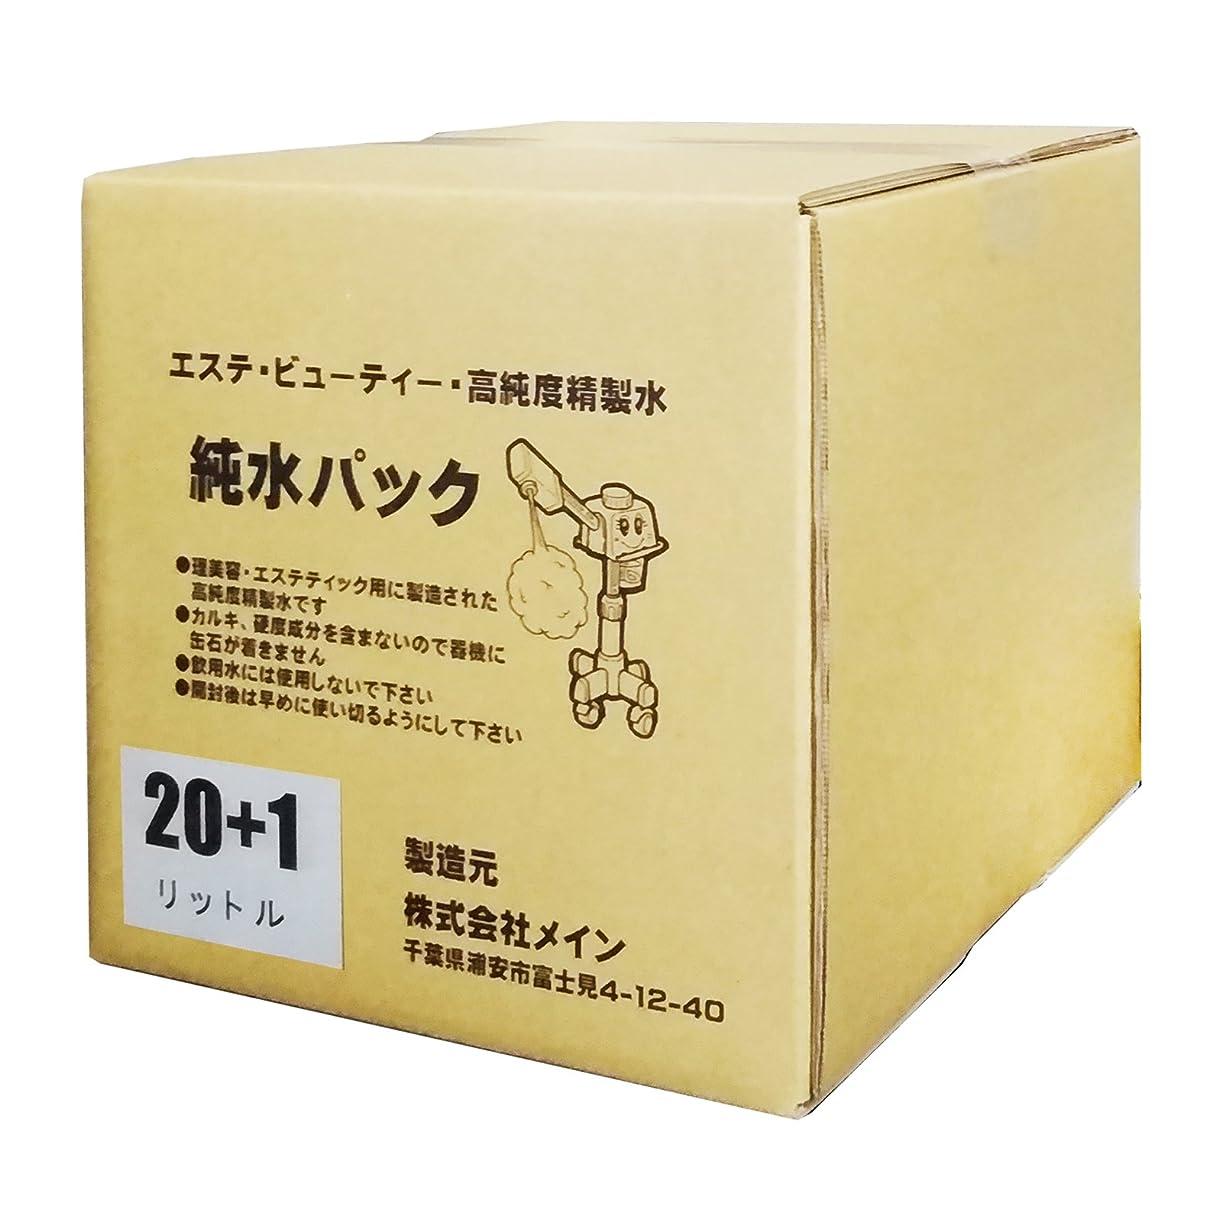 経度エアコンを除く増量中 21L 高純度 精製水 20 L + 1L 純水パック コック付 日本製 エステ スチーマー (1個)